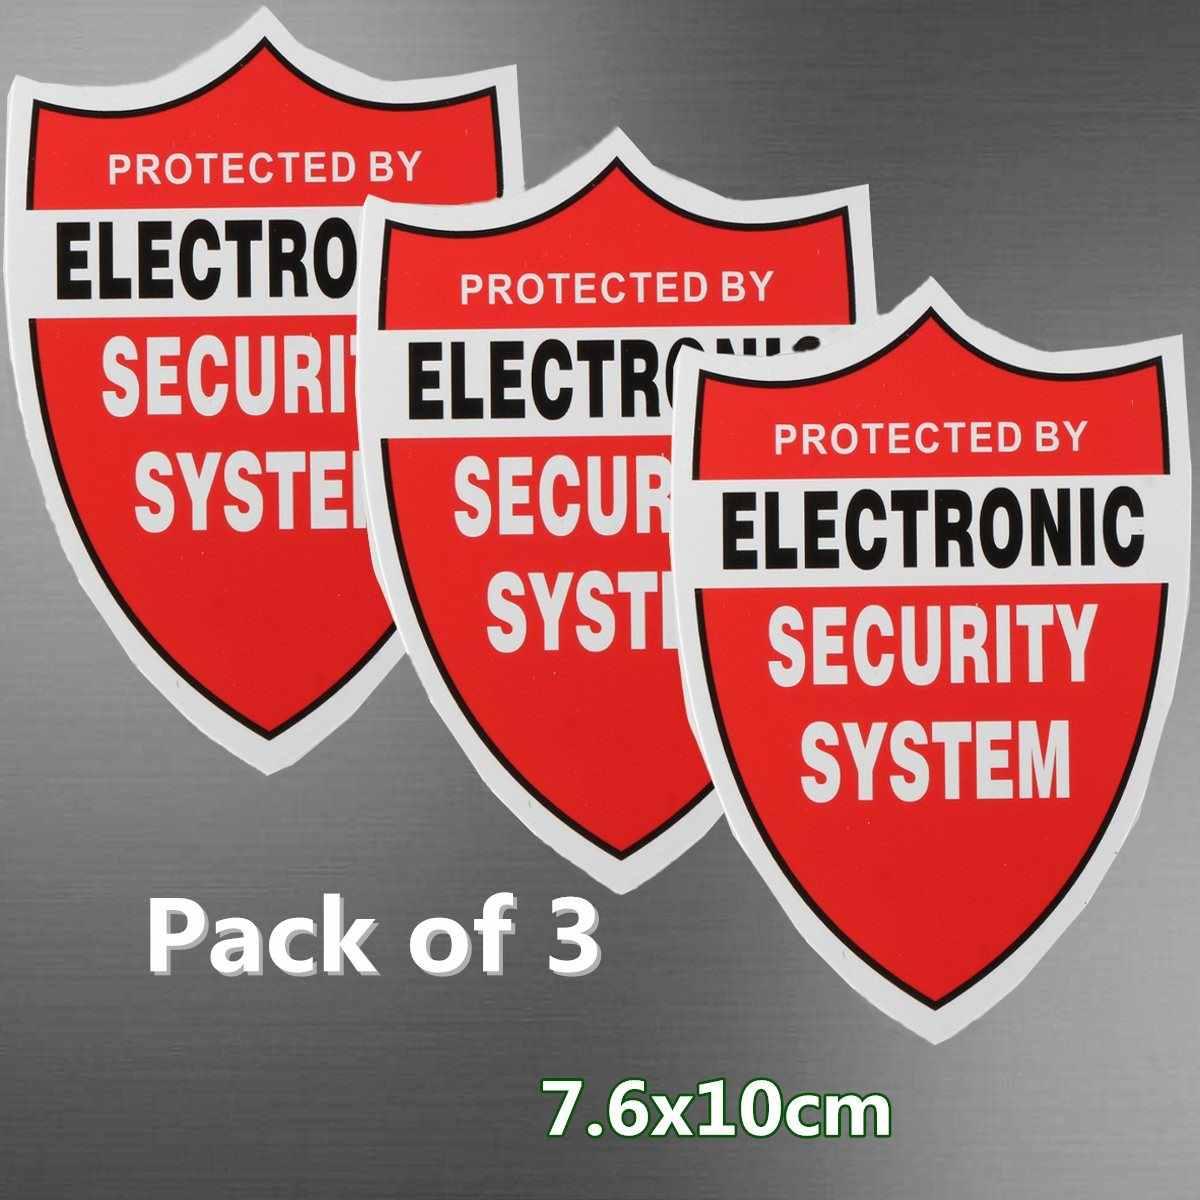 חדש 3 יחידות מדבקות מדבקת מדבקות אזהרה וידאו מערכת אבטחת בית CCTV מצלמה אבטחת אזעקה